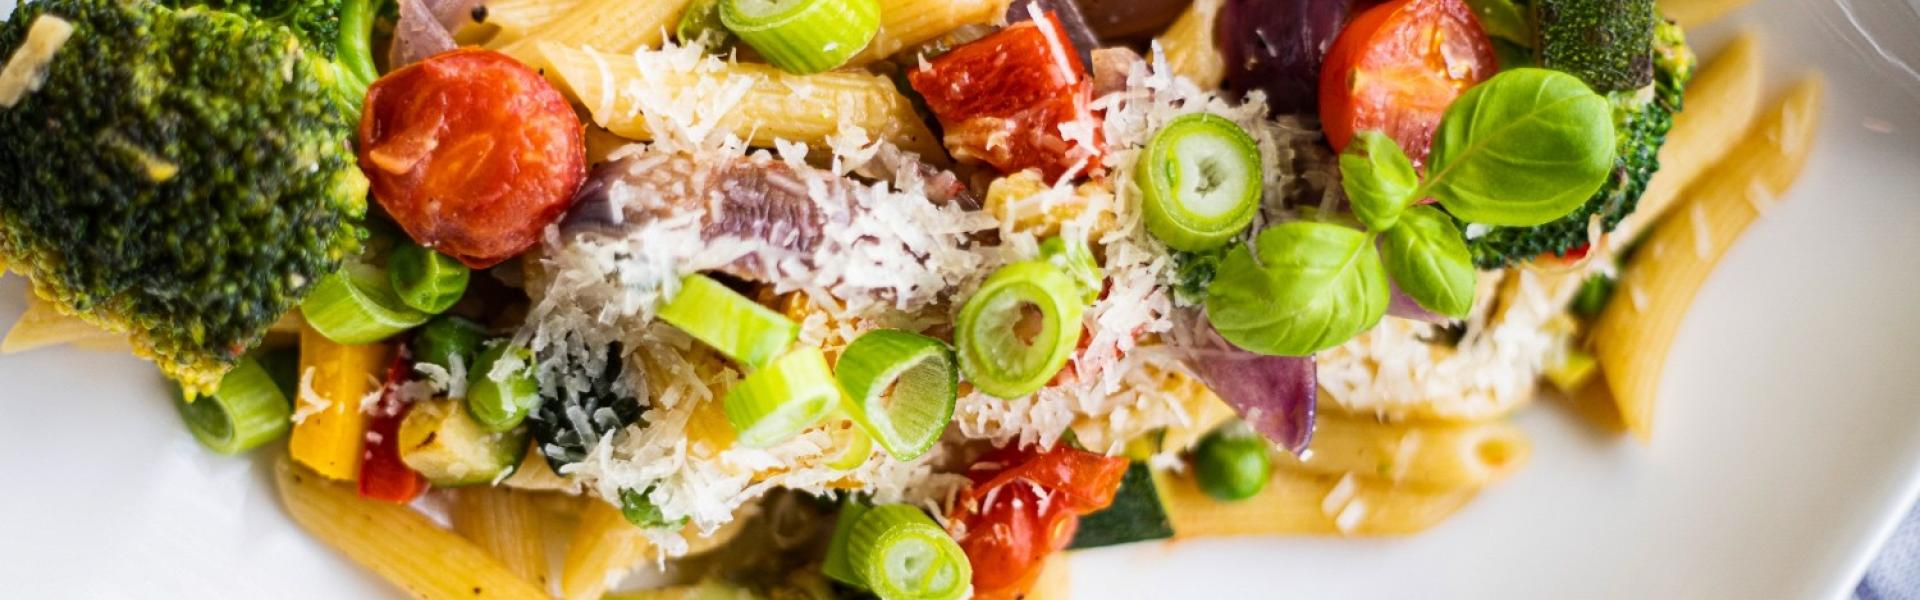 Pasta Primavera mit viel buntem Gemüse auf weißem Teller.